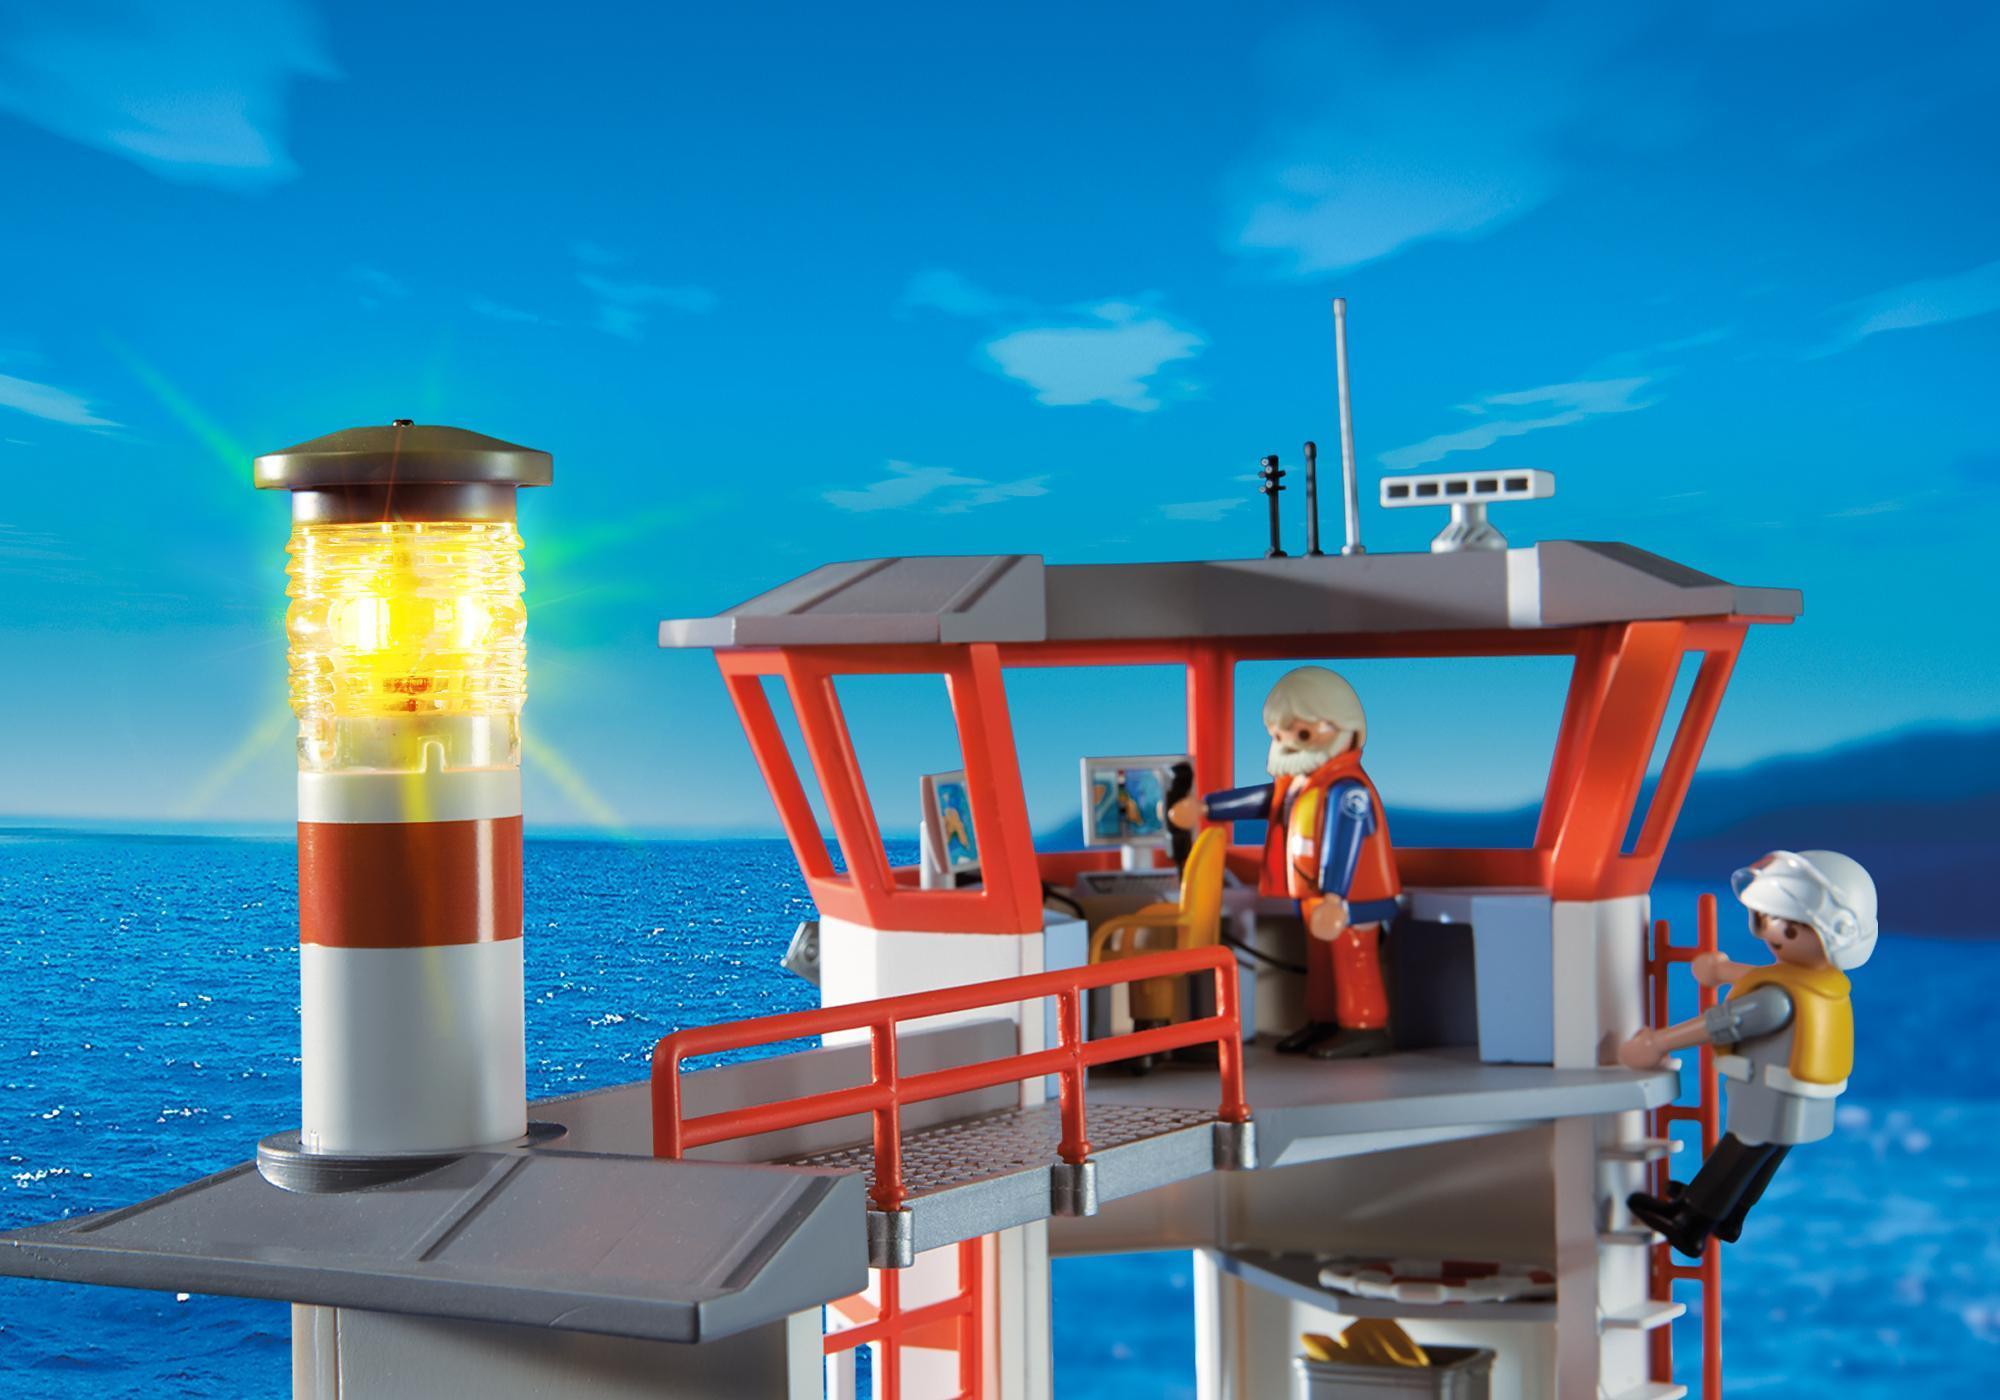 http://media.playmobil.com/i/playmobil/5539_product_extra4/Posto da Guarda costeira com Farol